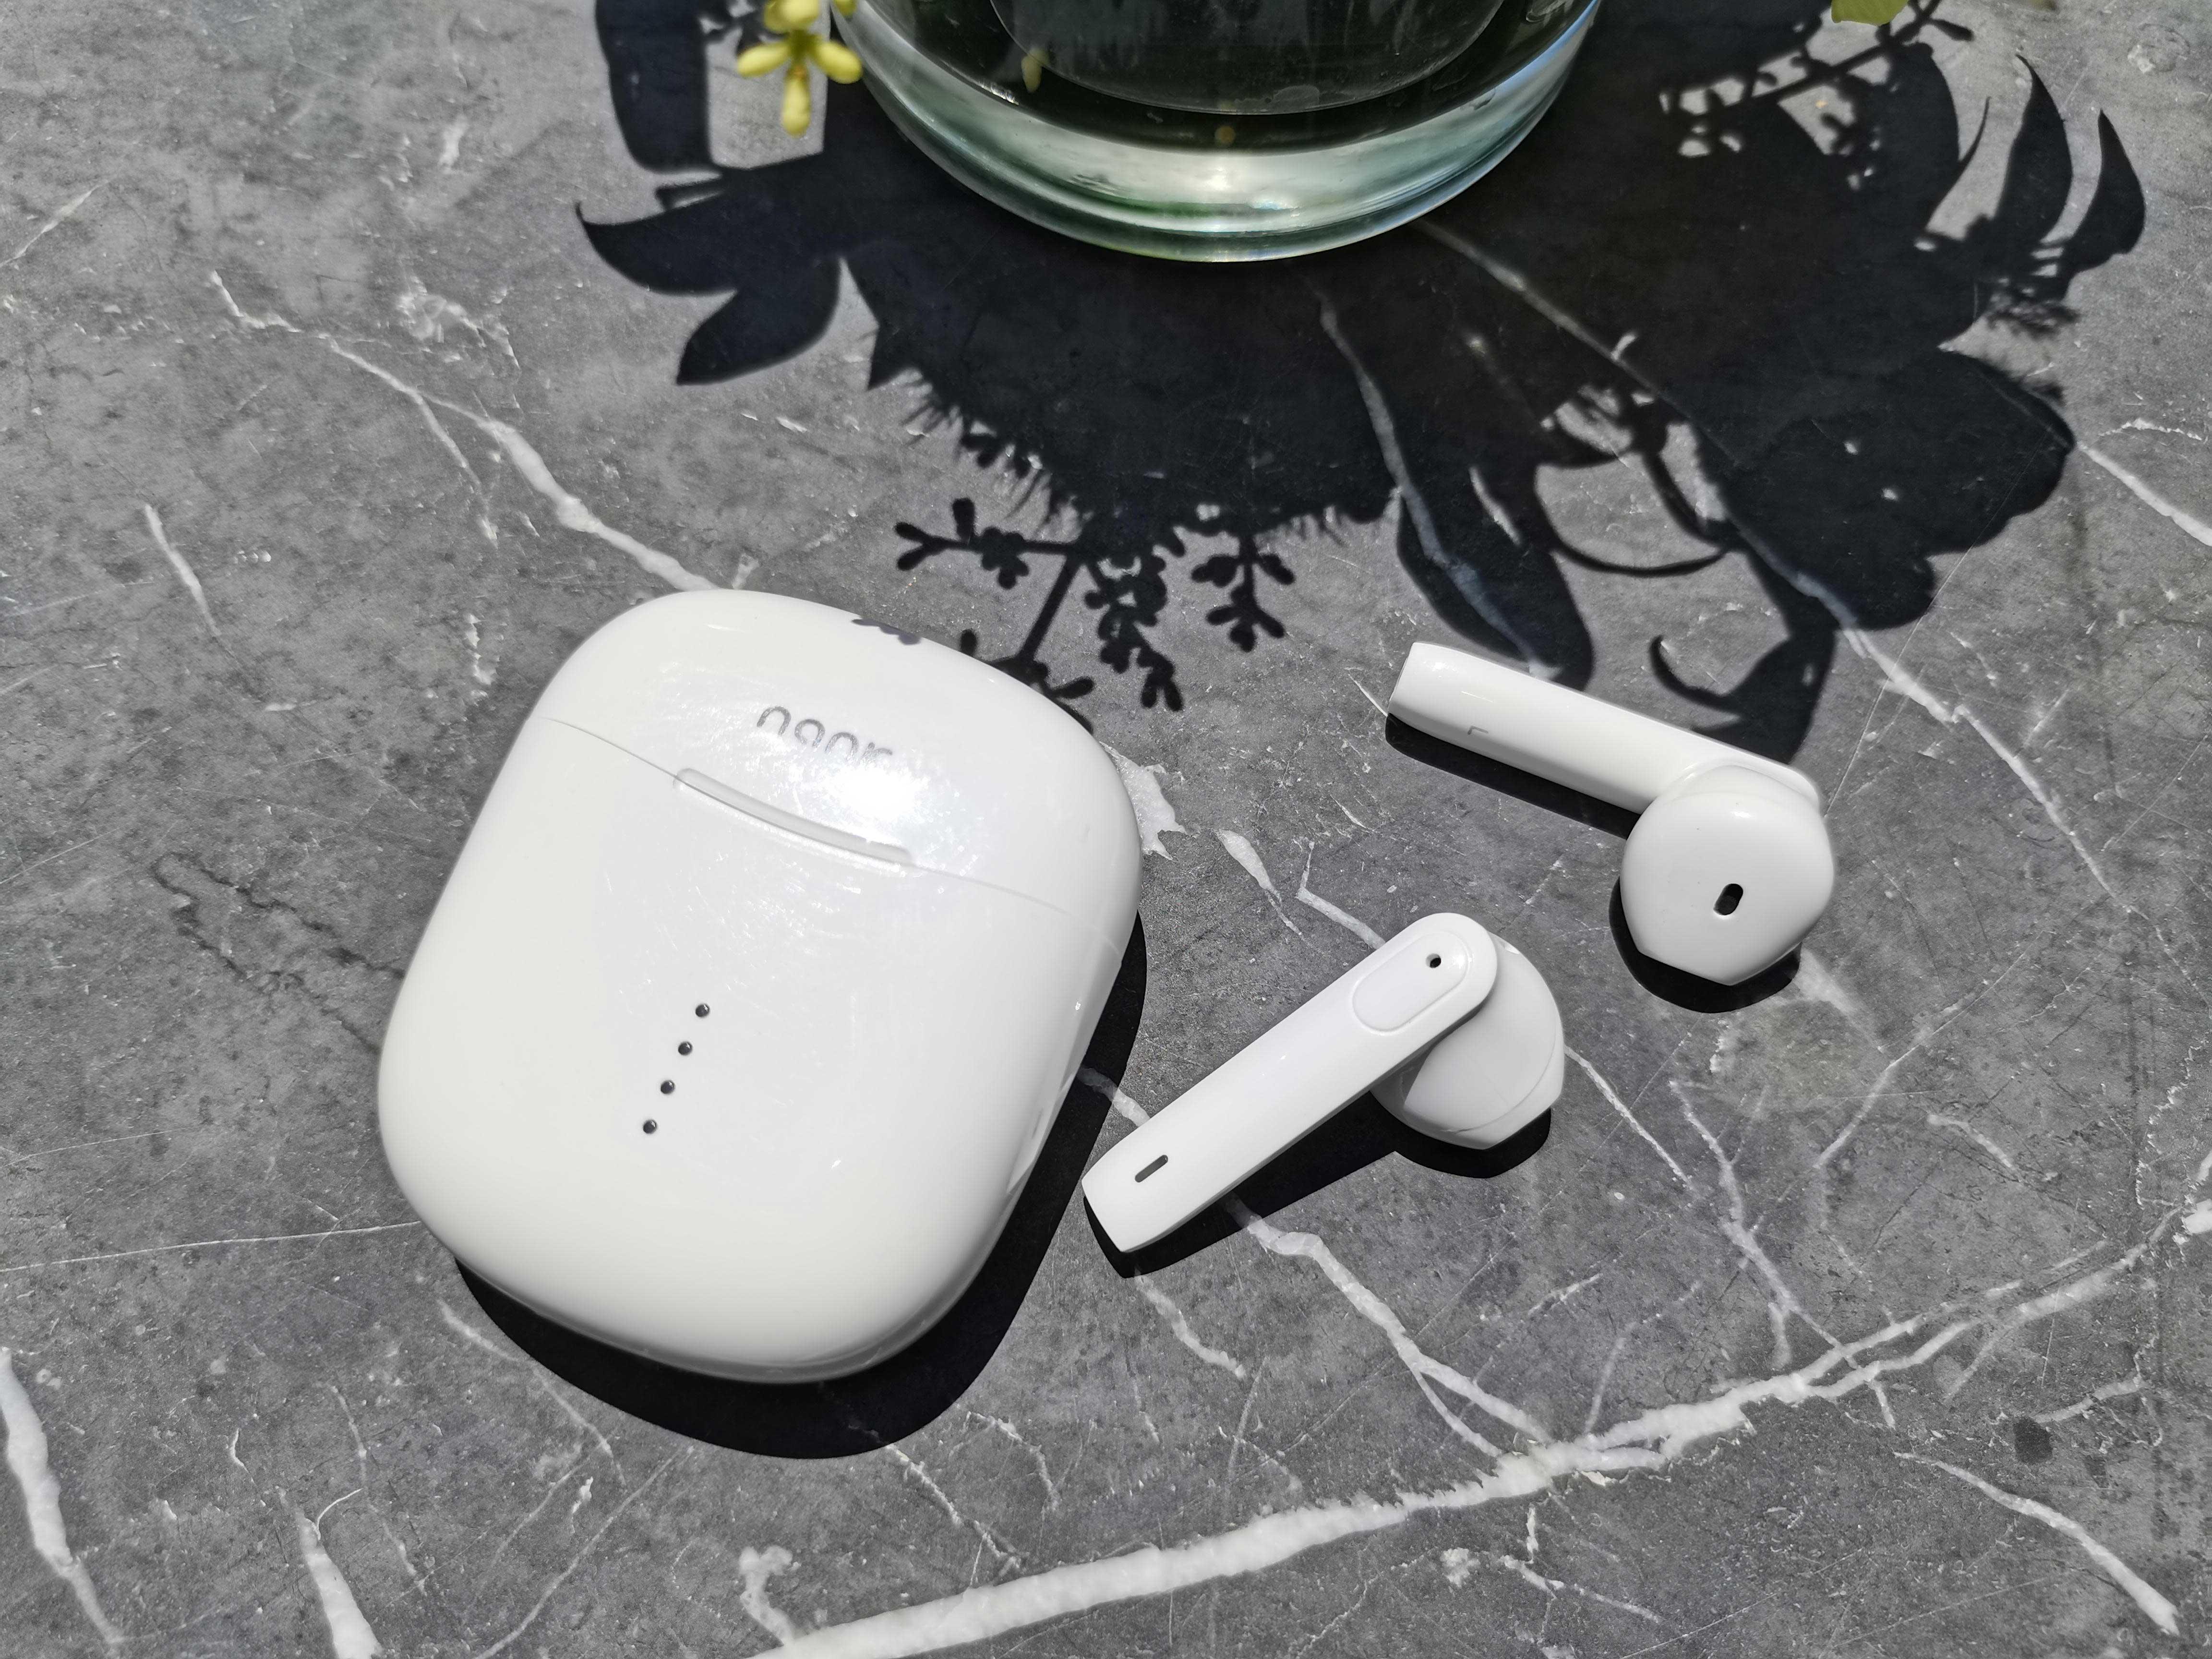 蓝牙耳机什么牌子的音质好,500左右性价比高的蓝牙耳机